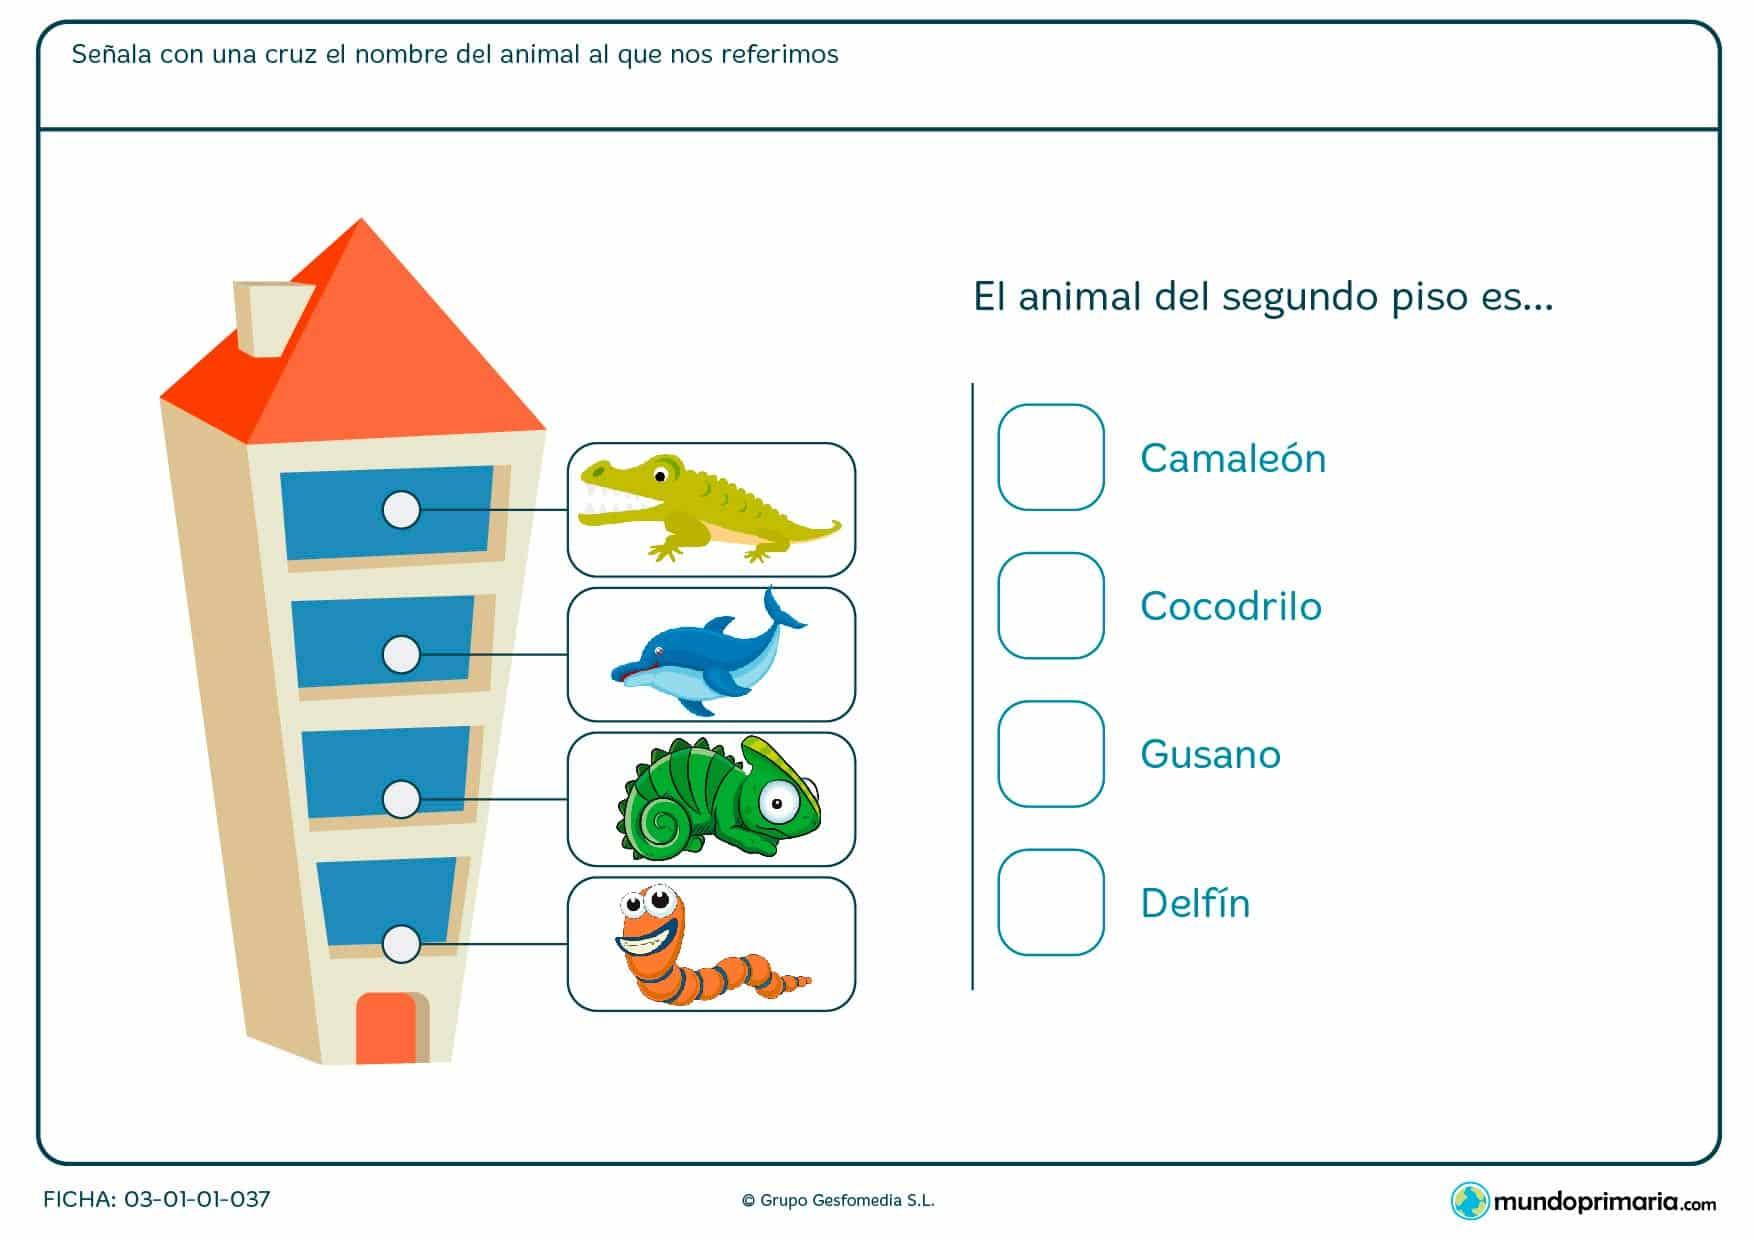 Ficha de señalar en qué piso está el animal en el que que hay que indicar con una cruz el nombre del animal del segundo piso.